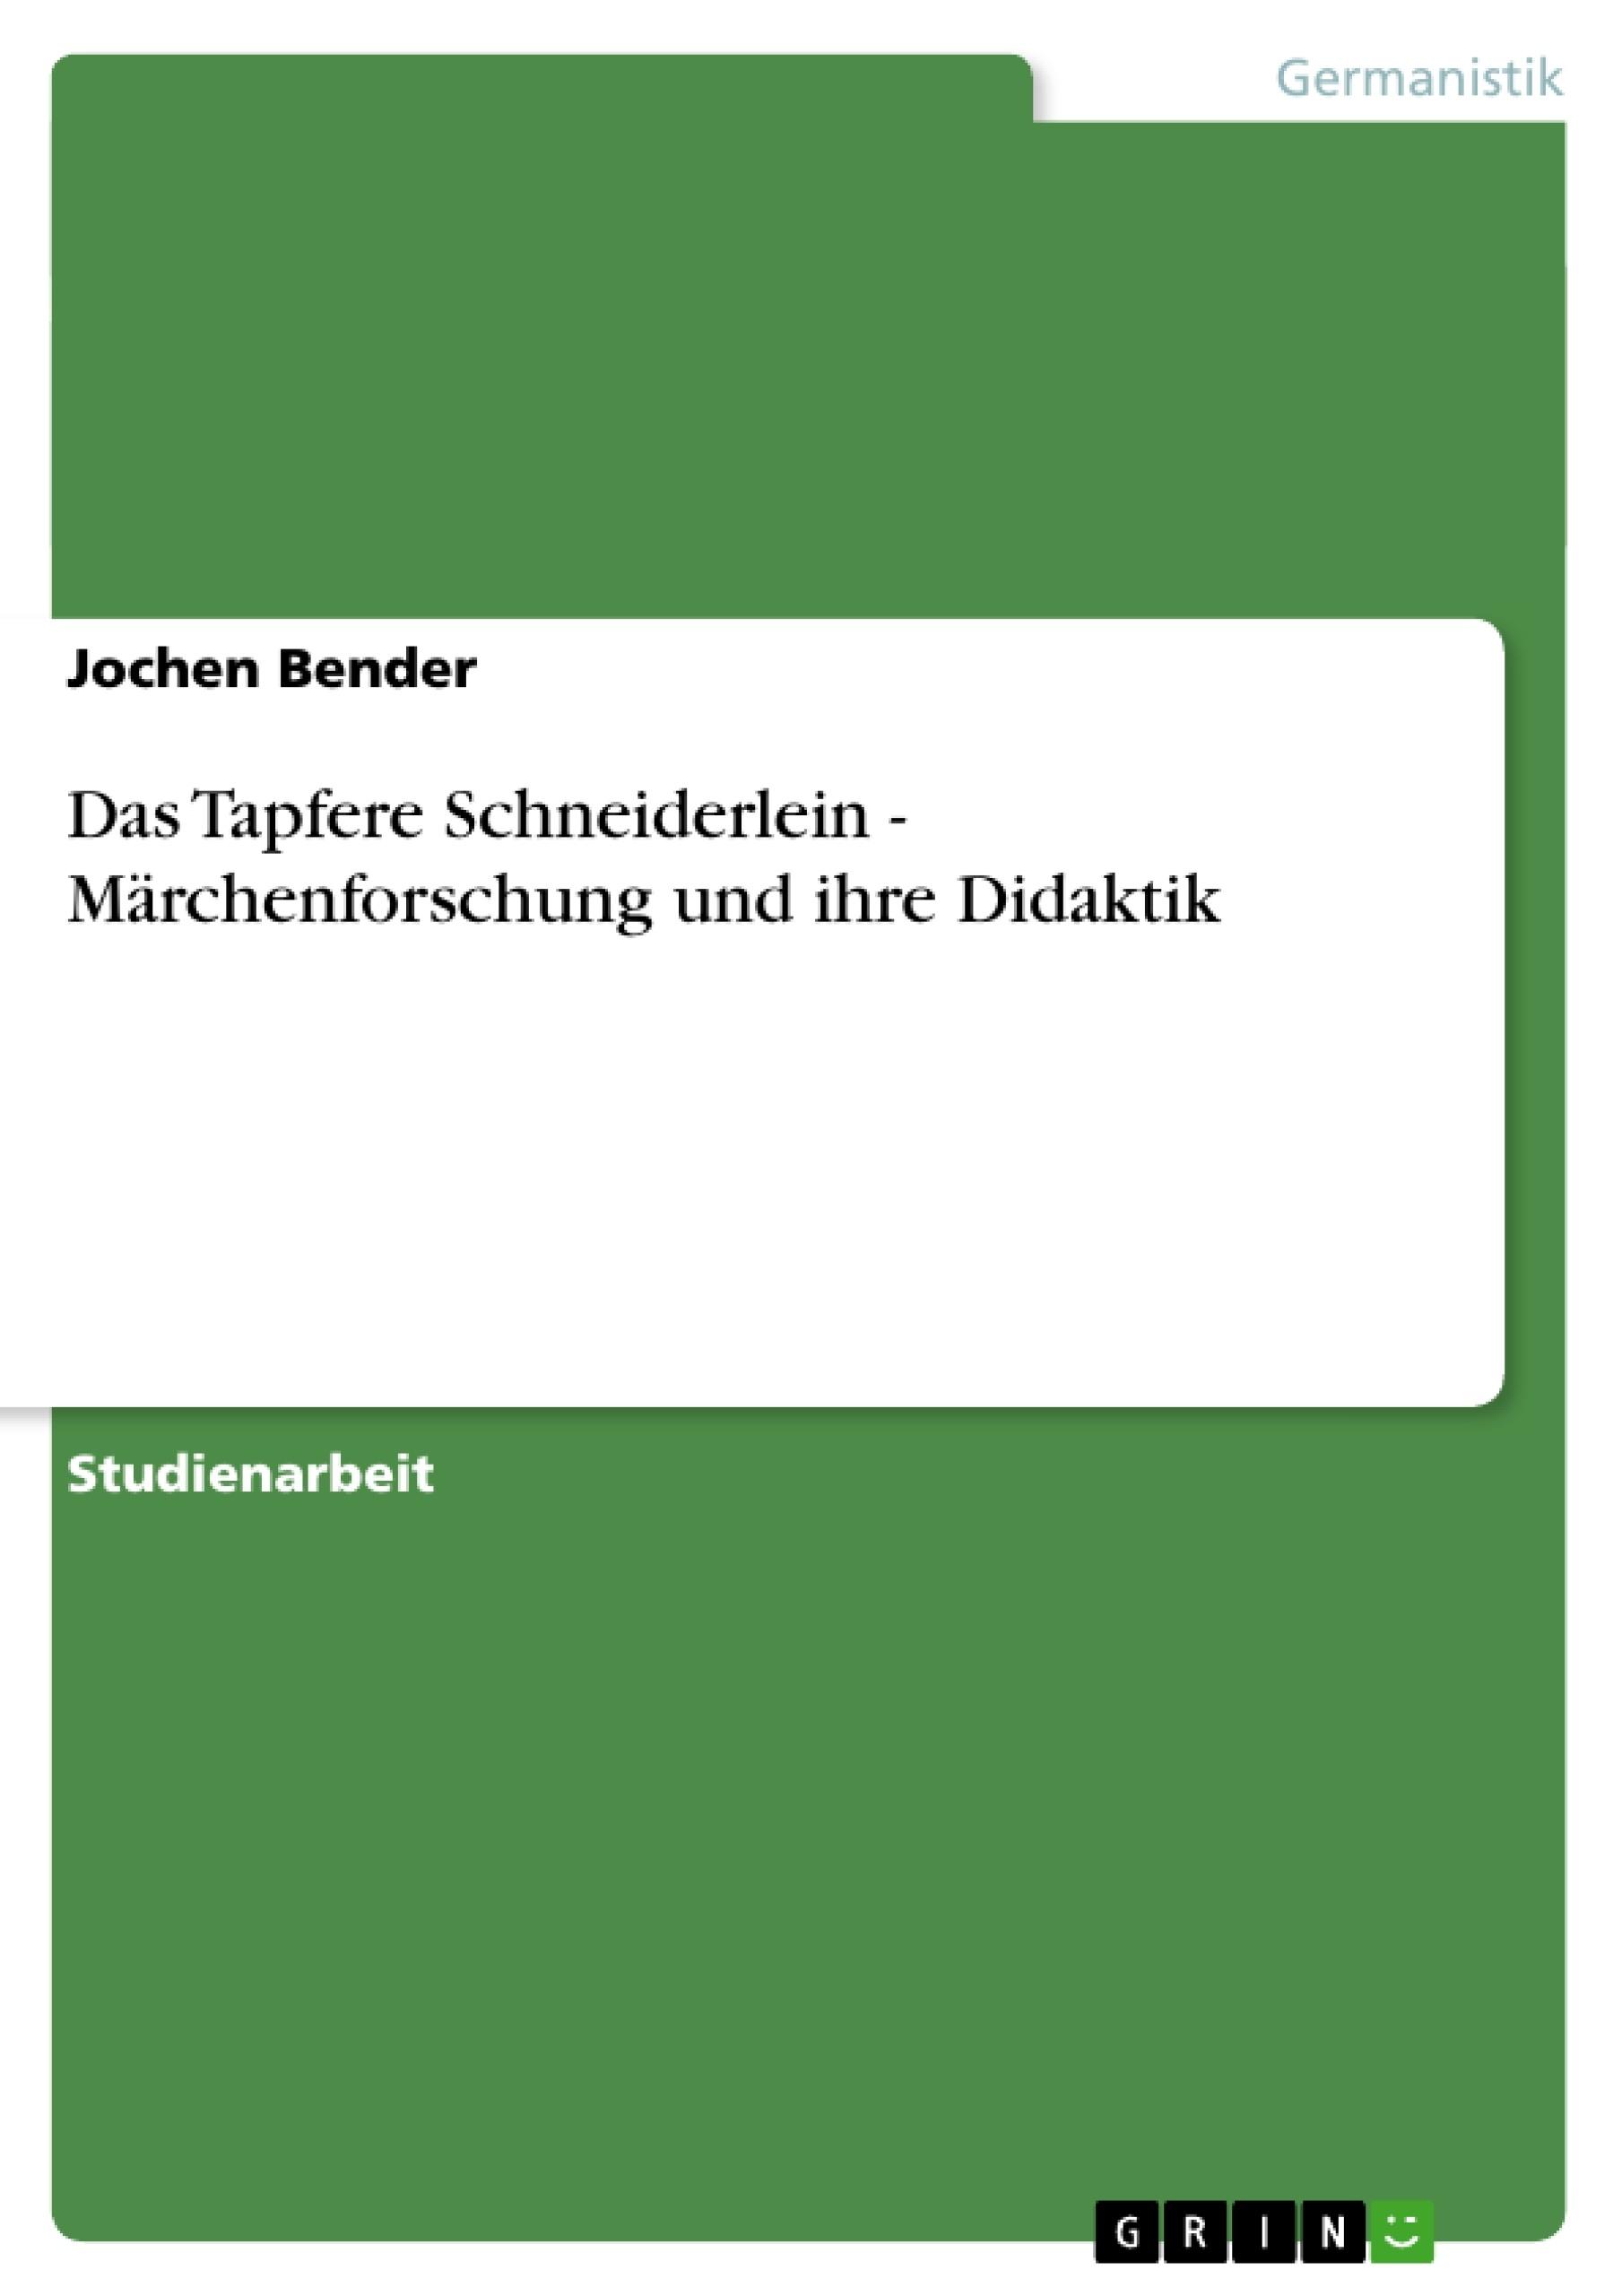 Titel: Das Tapfere Schneiderlein - Märchenforschung und ihre Didaktik